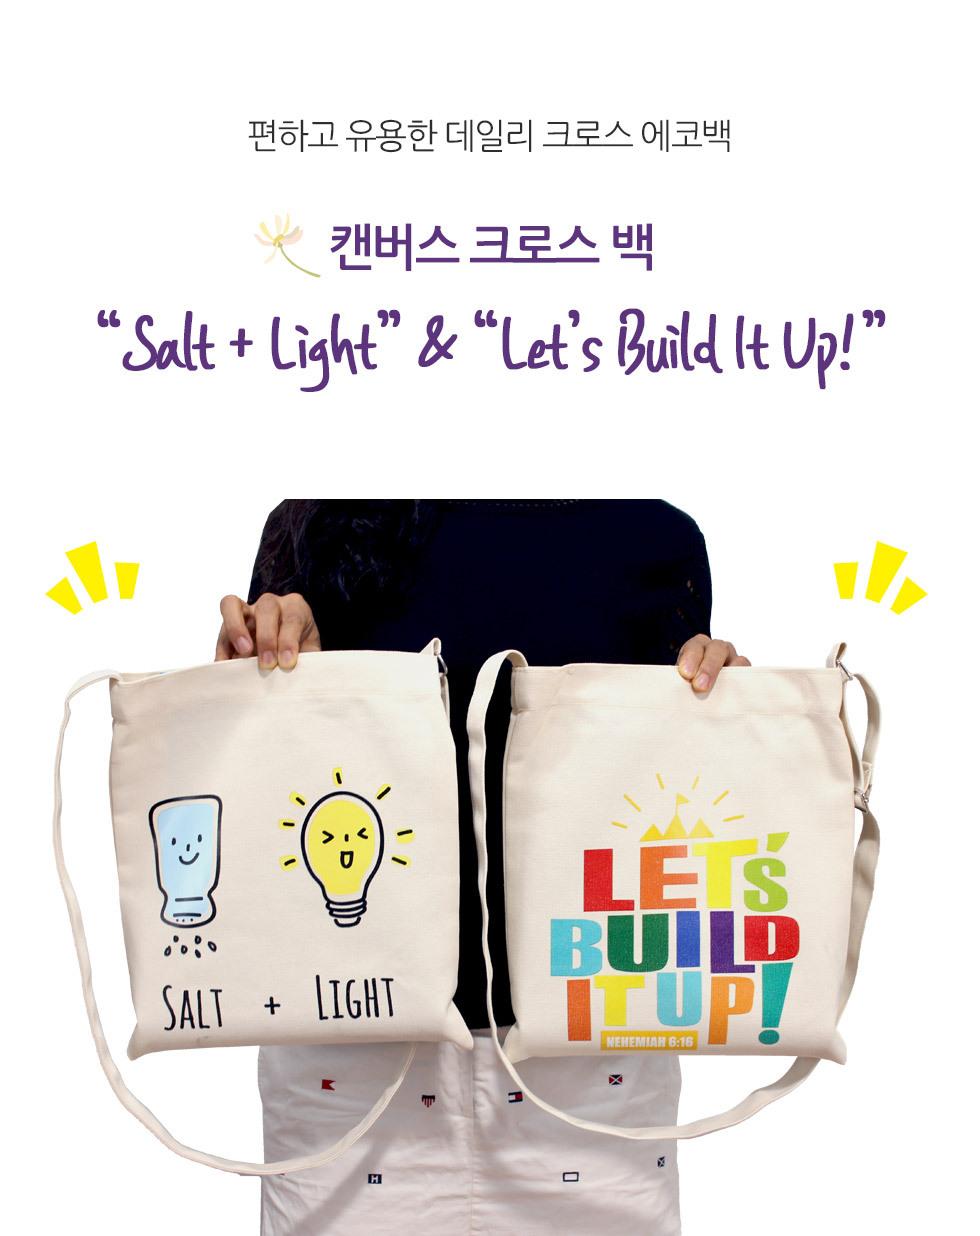 캔버스 크로스백 Salt+Light, Let's Build It Up (쏠트, 빌드) 크로스 에코백 교회가방 교회학교 단체가방 보조가방 활용도높은 데일리에코백 캔버스 보조가방